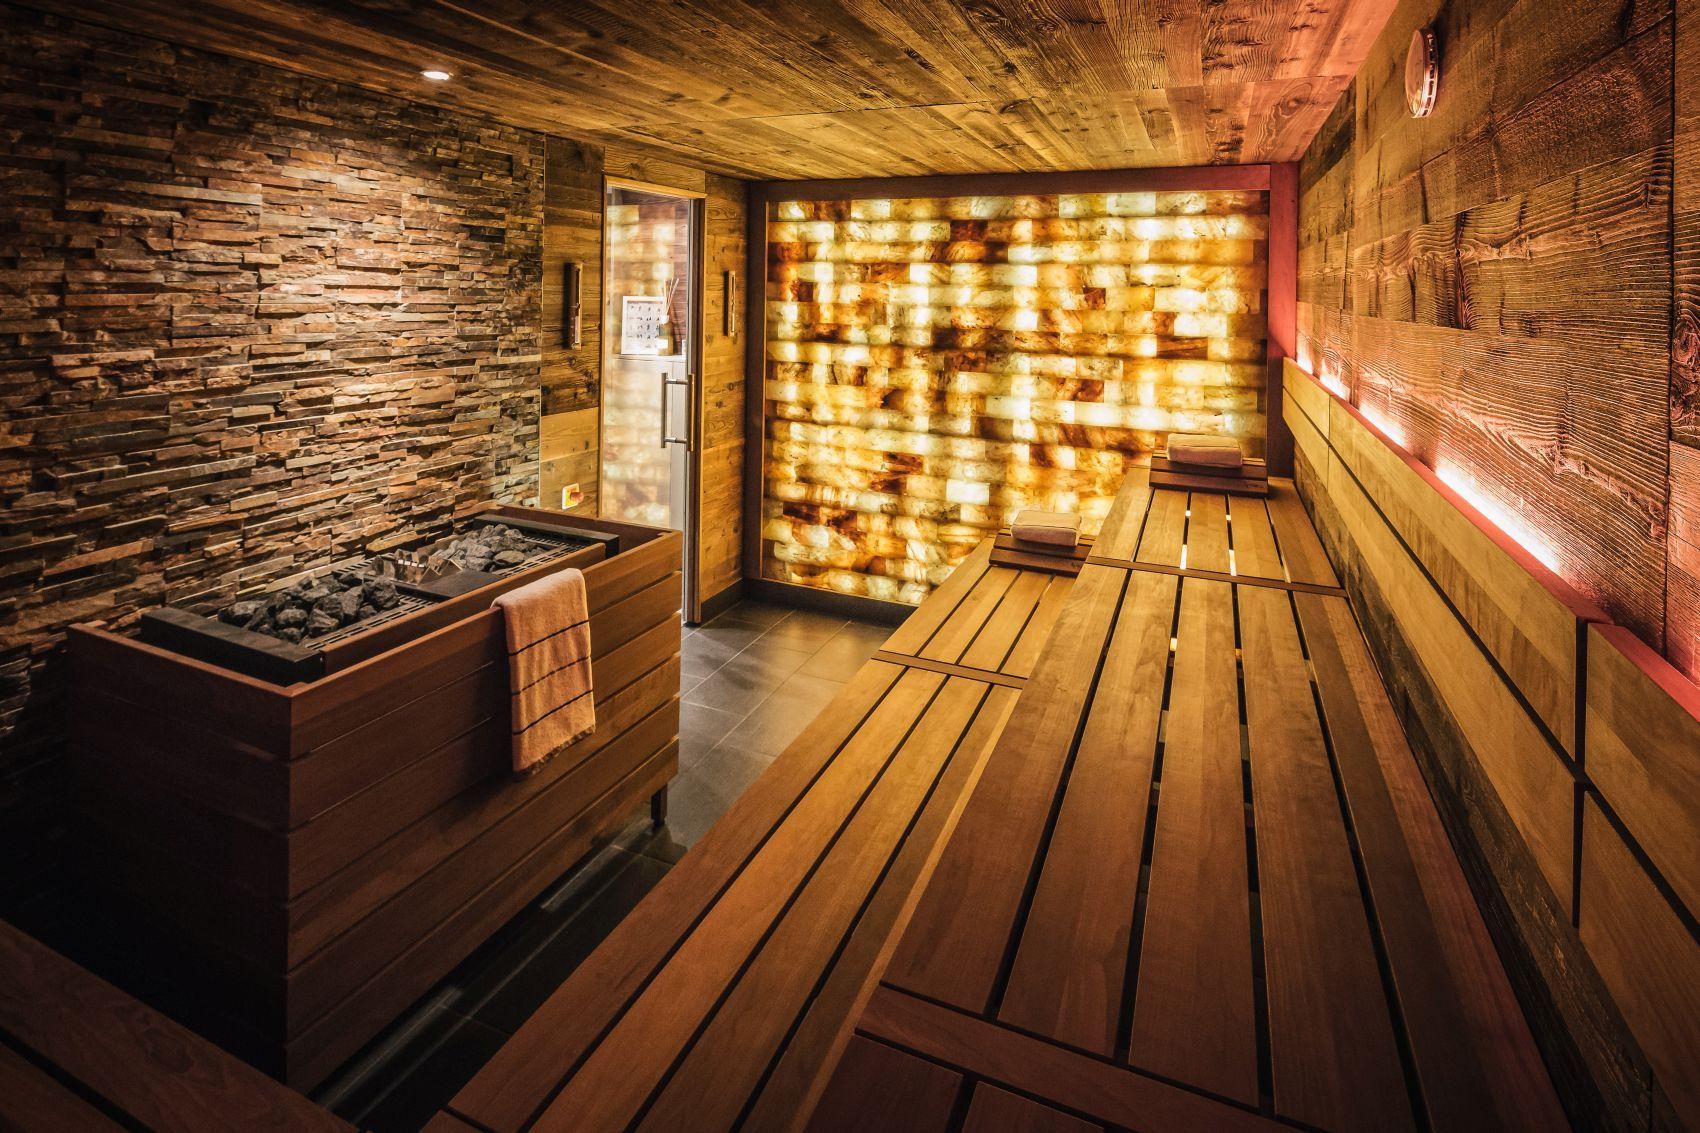 Stimmungsvolle Design Sauna Mit Natursteinen Und Hinterleuchteter Salzsteinwand Im Fairmont Hotel Vier Jahreszeiten Das Sauna Fur Zuhause Sauna Natursteinwand